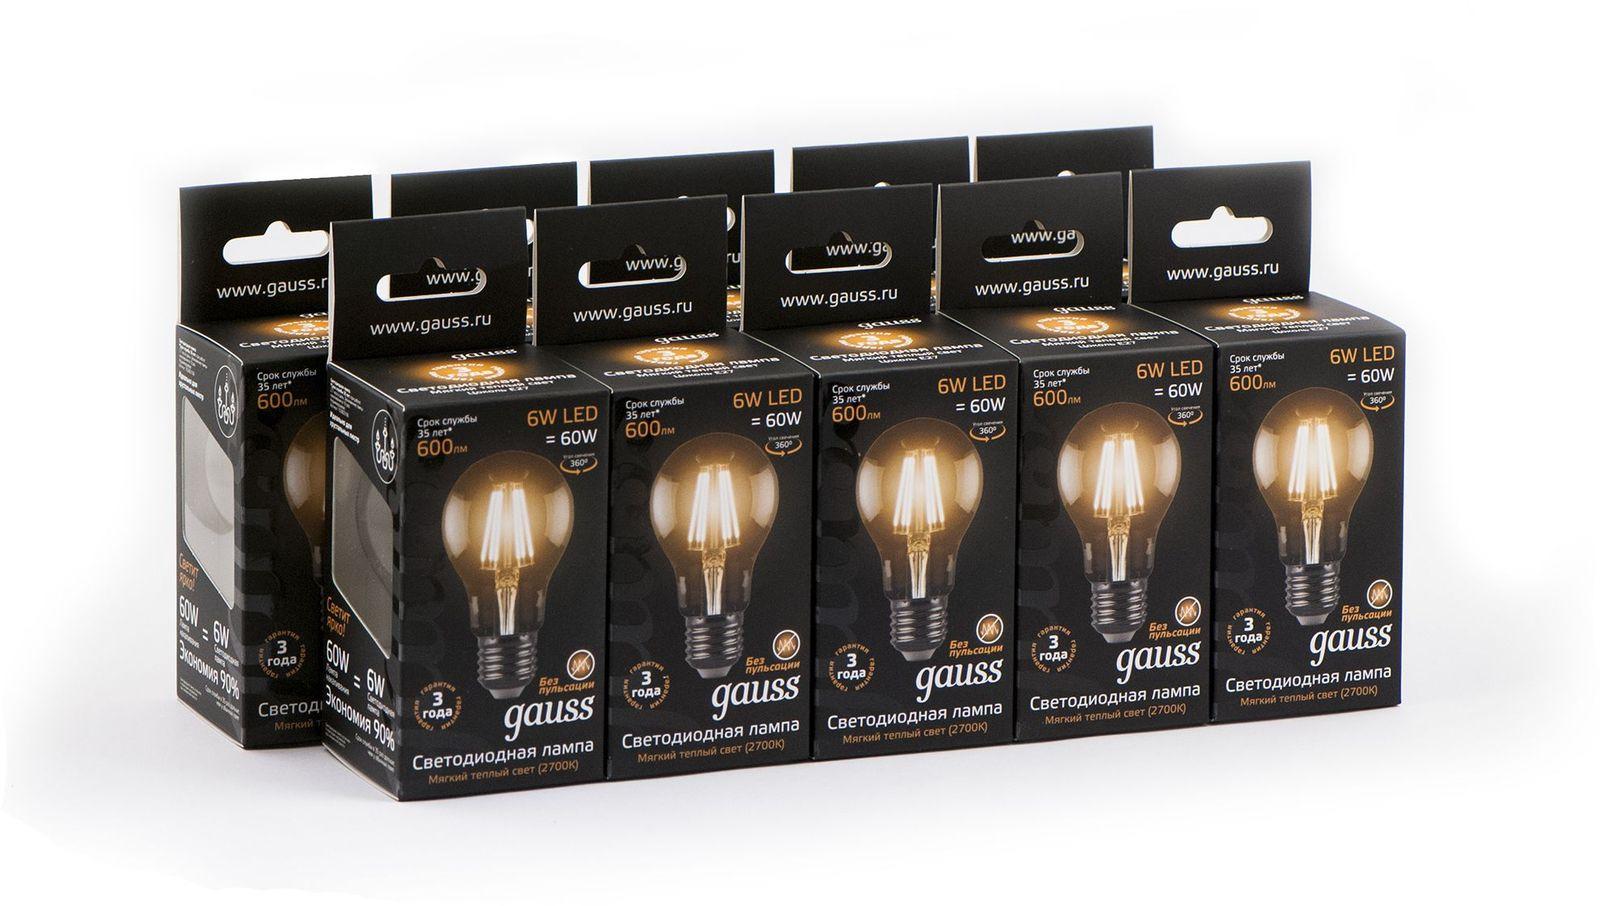 gauss лампа светодиодная gauss led filament candle e14 7w 2700к 1 10 50 103801107 Лампочка Gauss Светодиодная Black Filament A60 10 шт, Теплый свет 6 Вт, Светодиодная